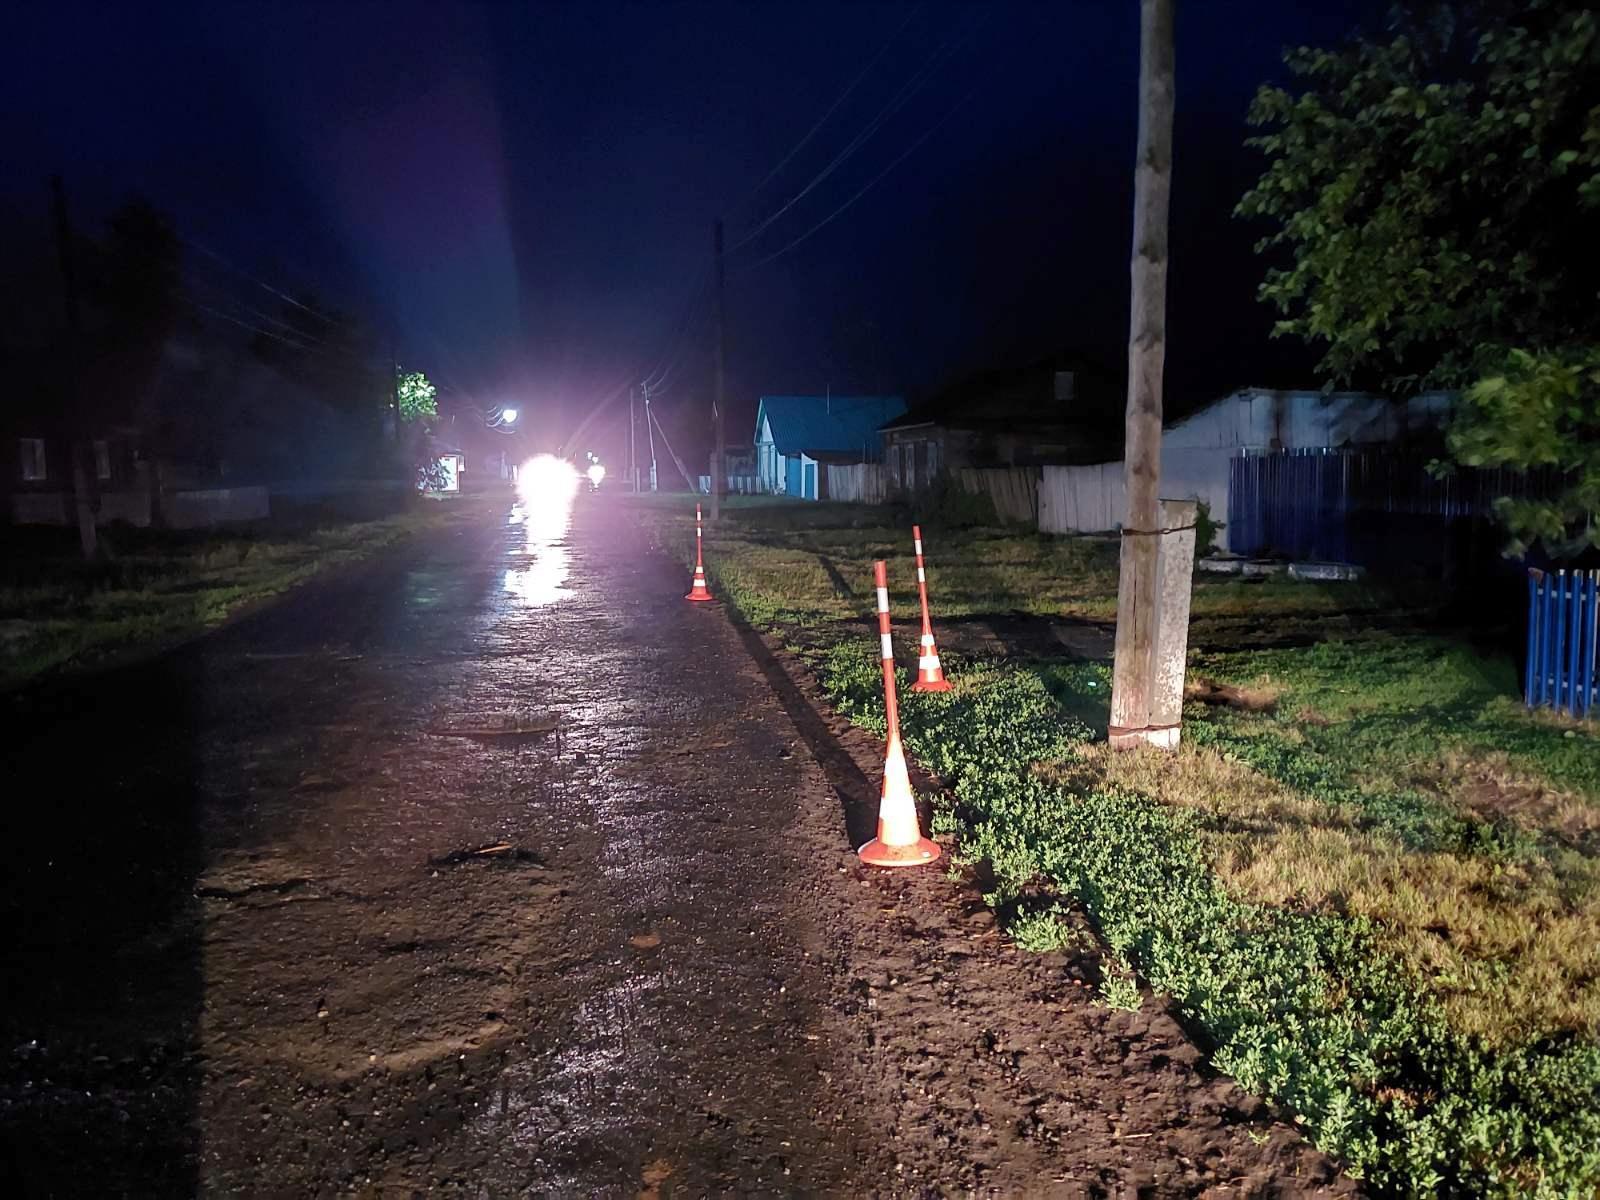 В Ишимском районе пьяный мотоциклист сбил 4-летнего ребенка 1